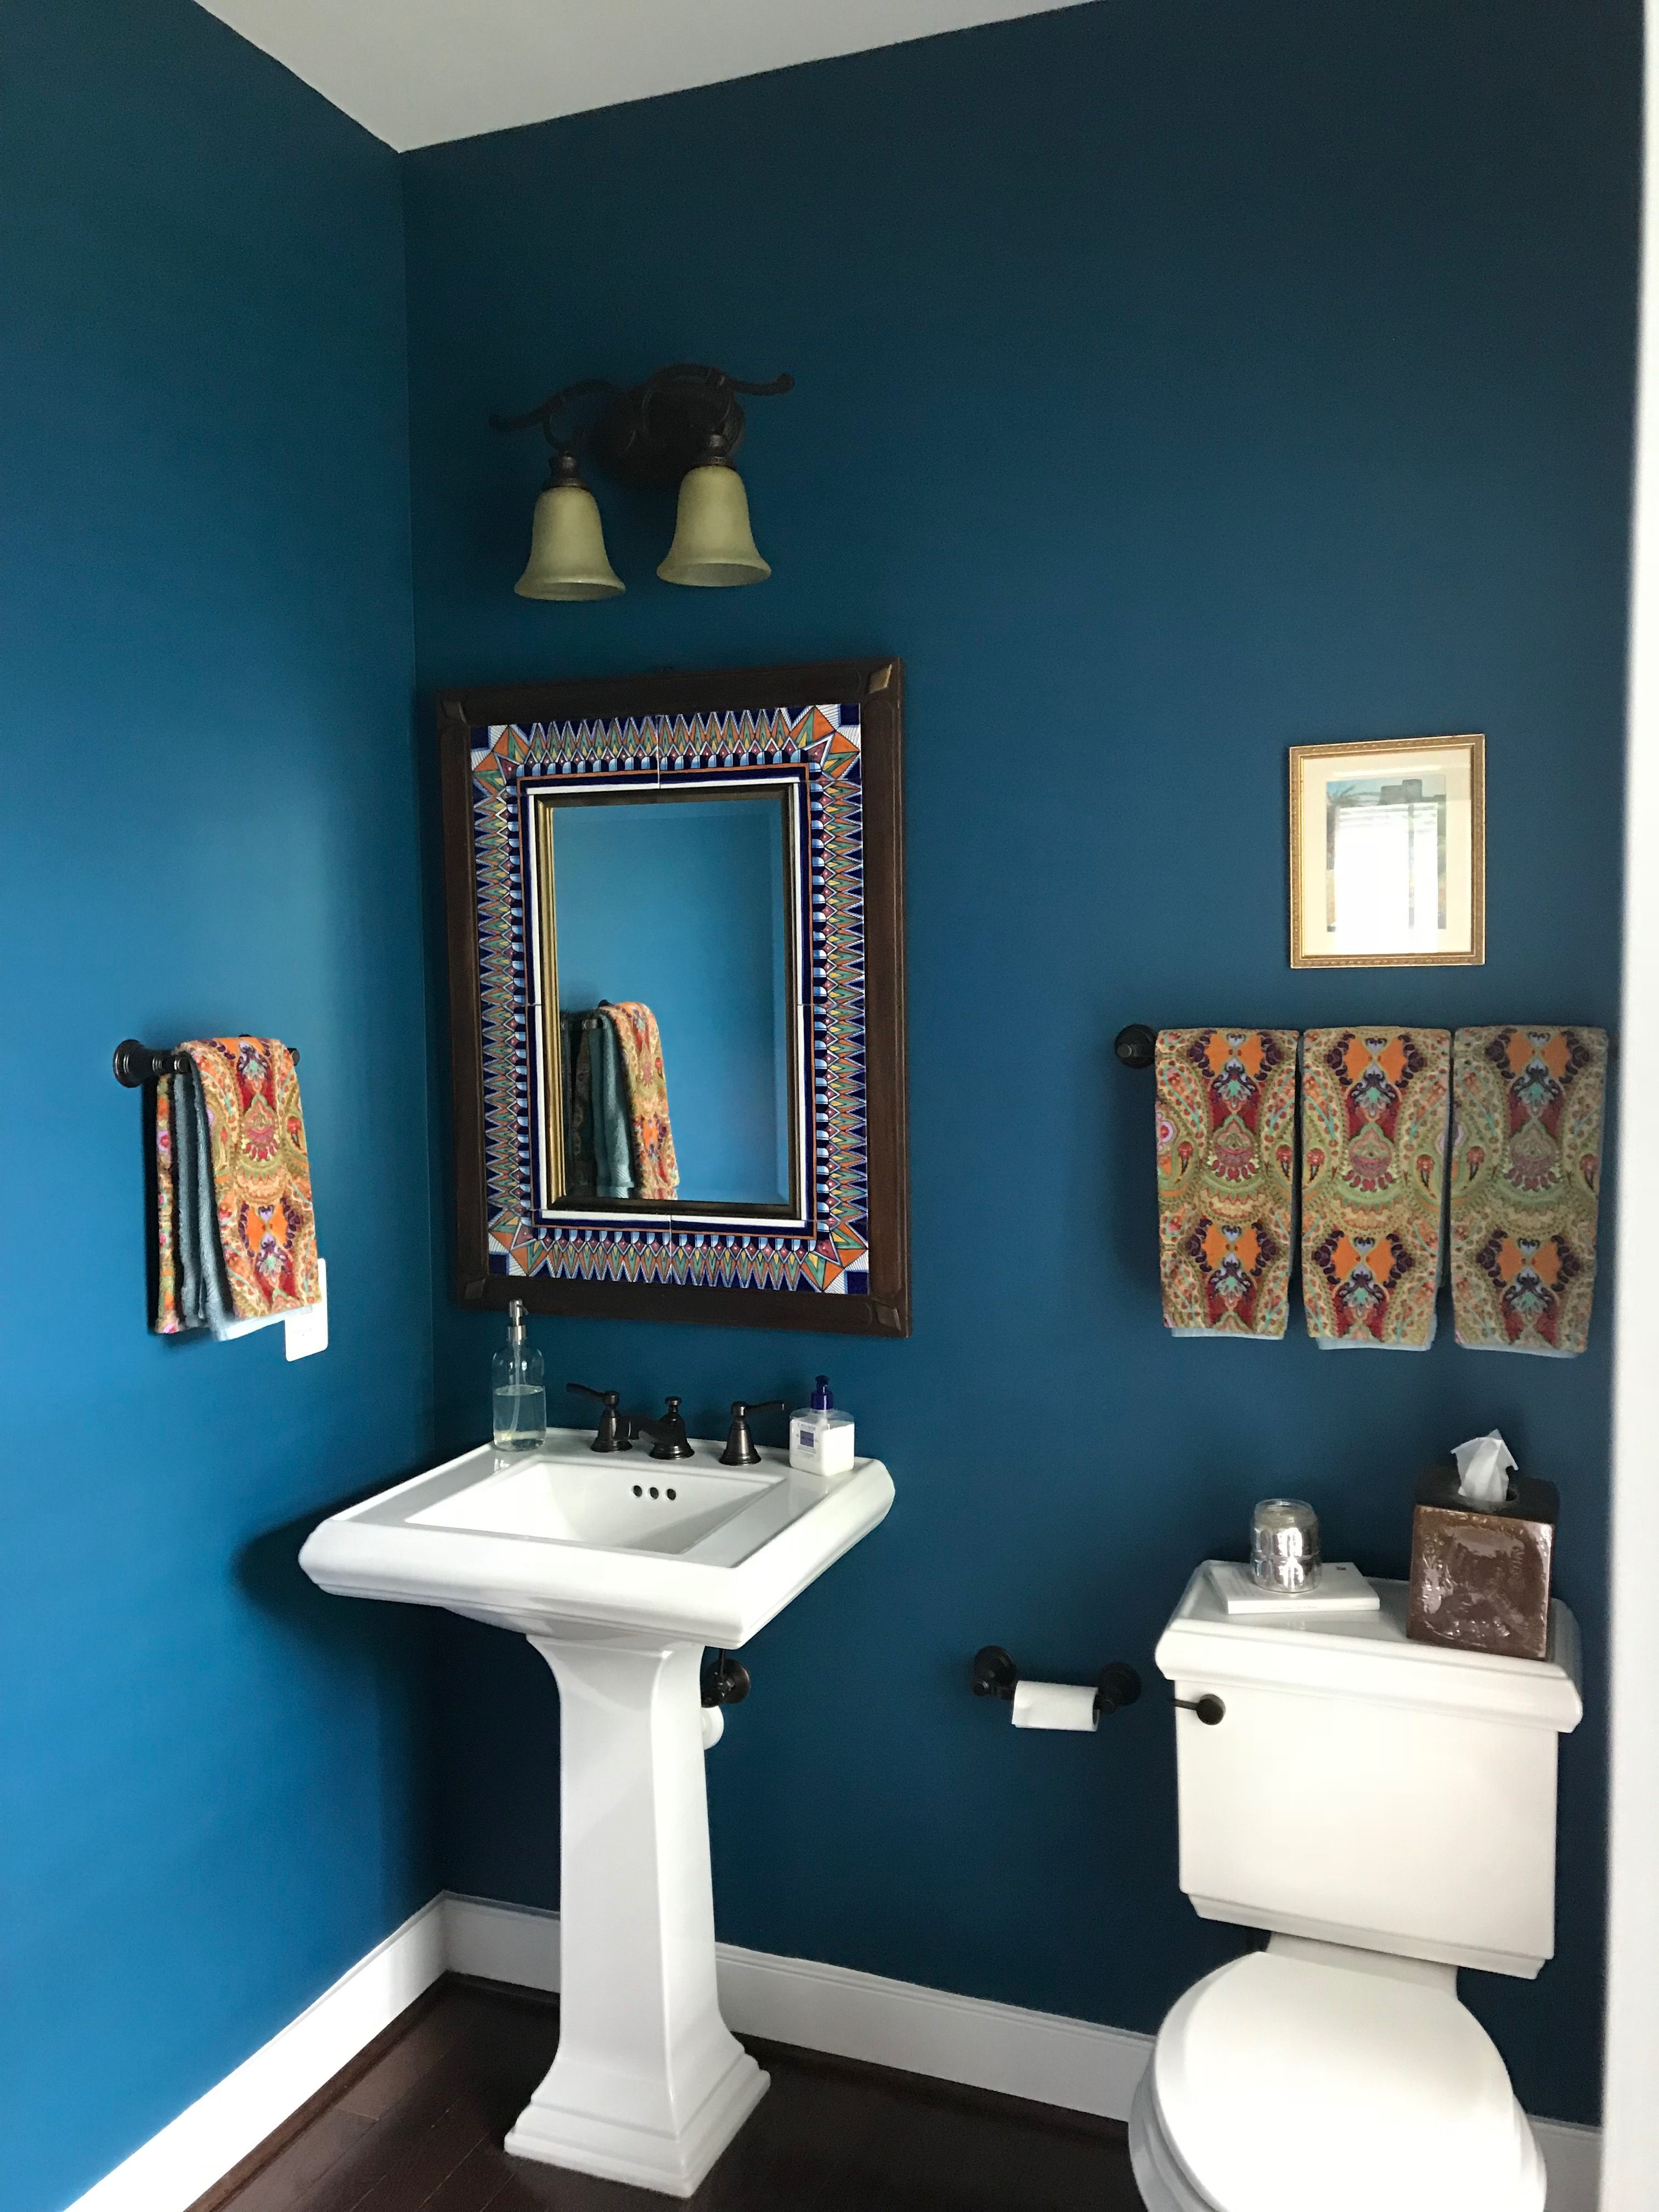 Powder Room Benjamin Moore Slate Teal Media Room Paint Colors Powder Room Paint Colors Painting Bathroom